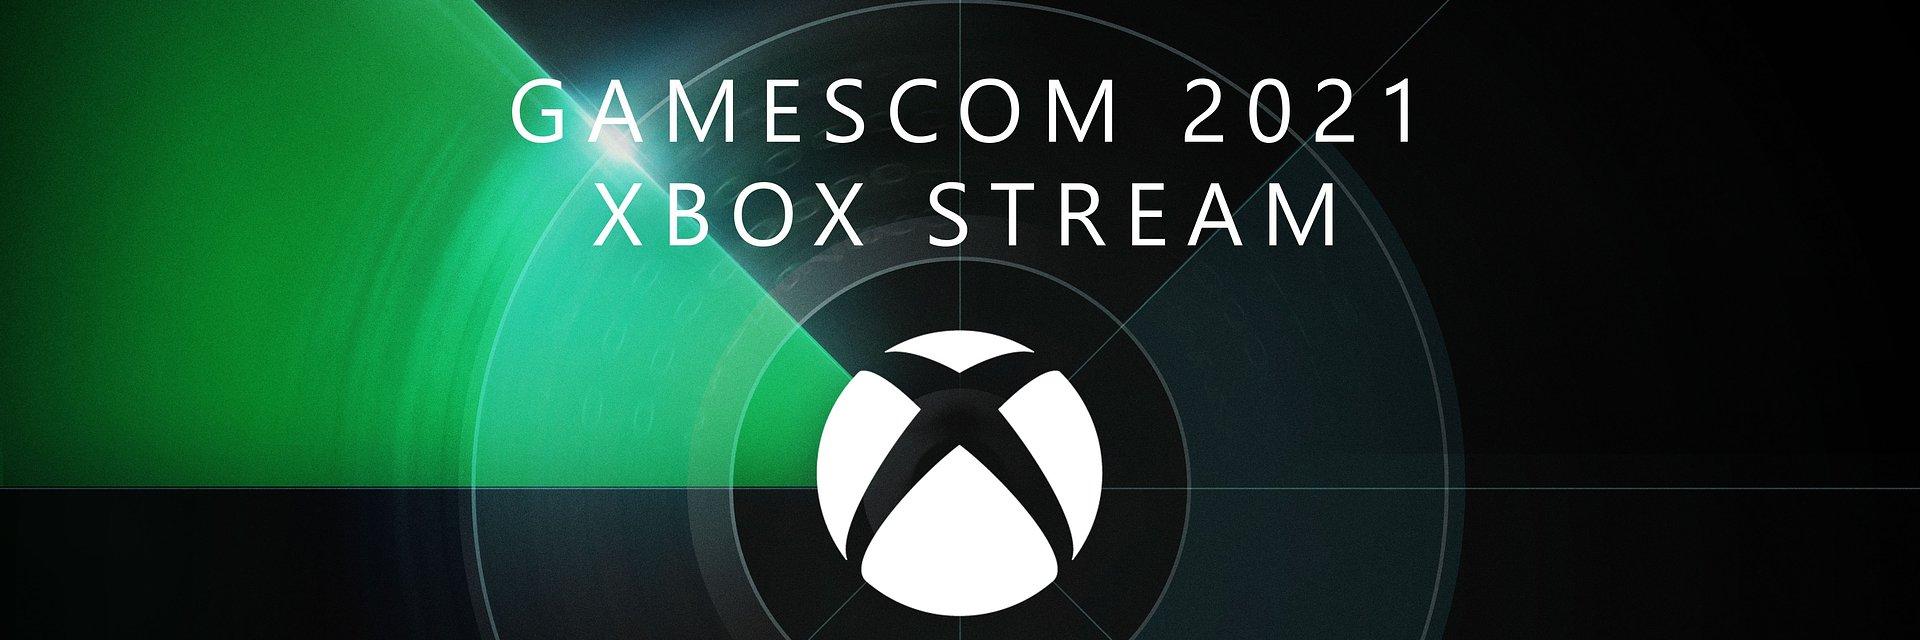 Junta-te a nós no gamescom 2021 XBOX Stream e muito mais, ainda este mês.